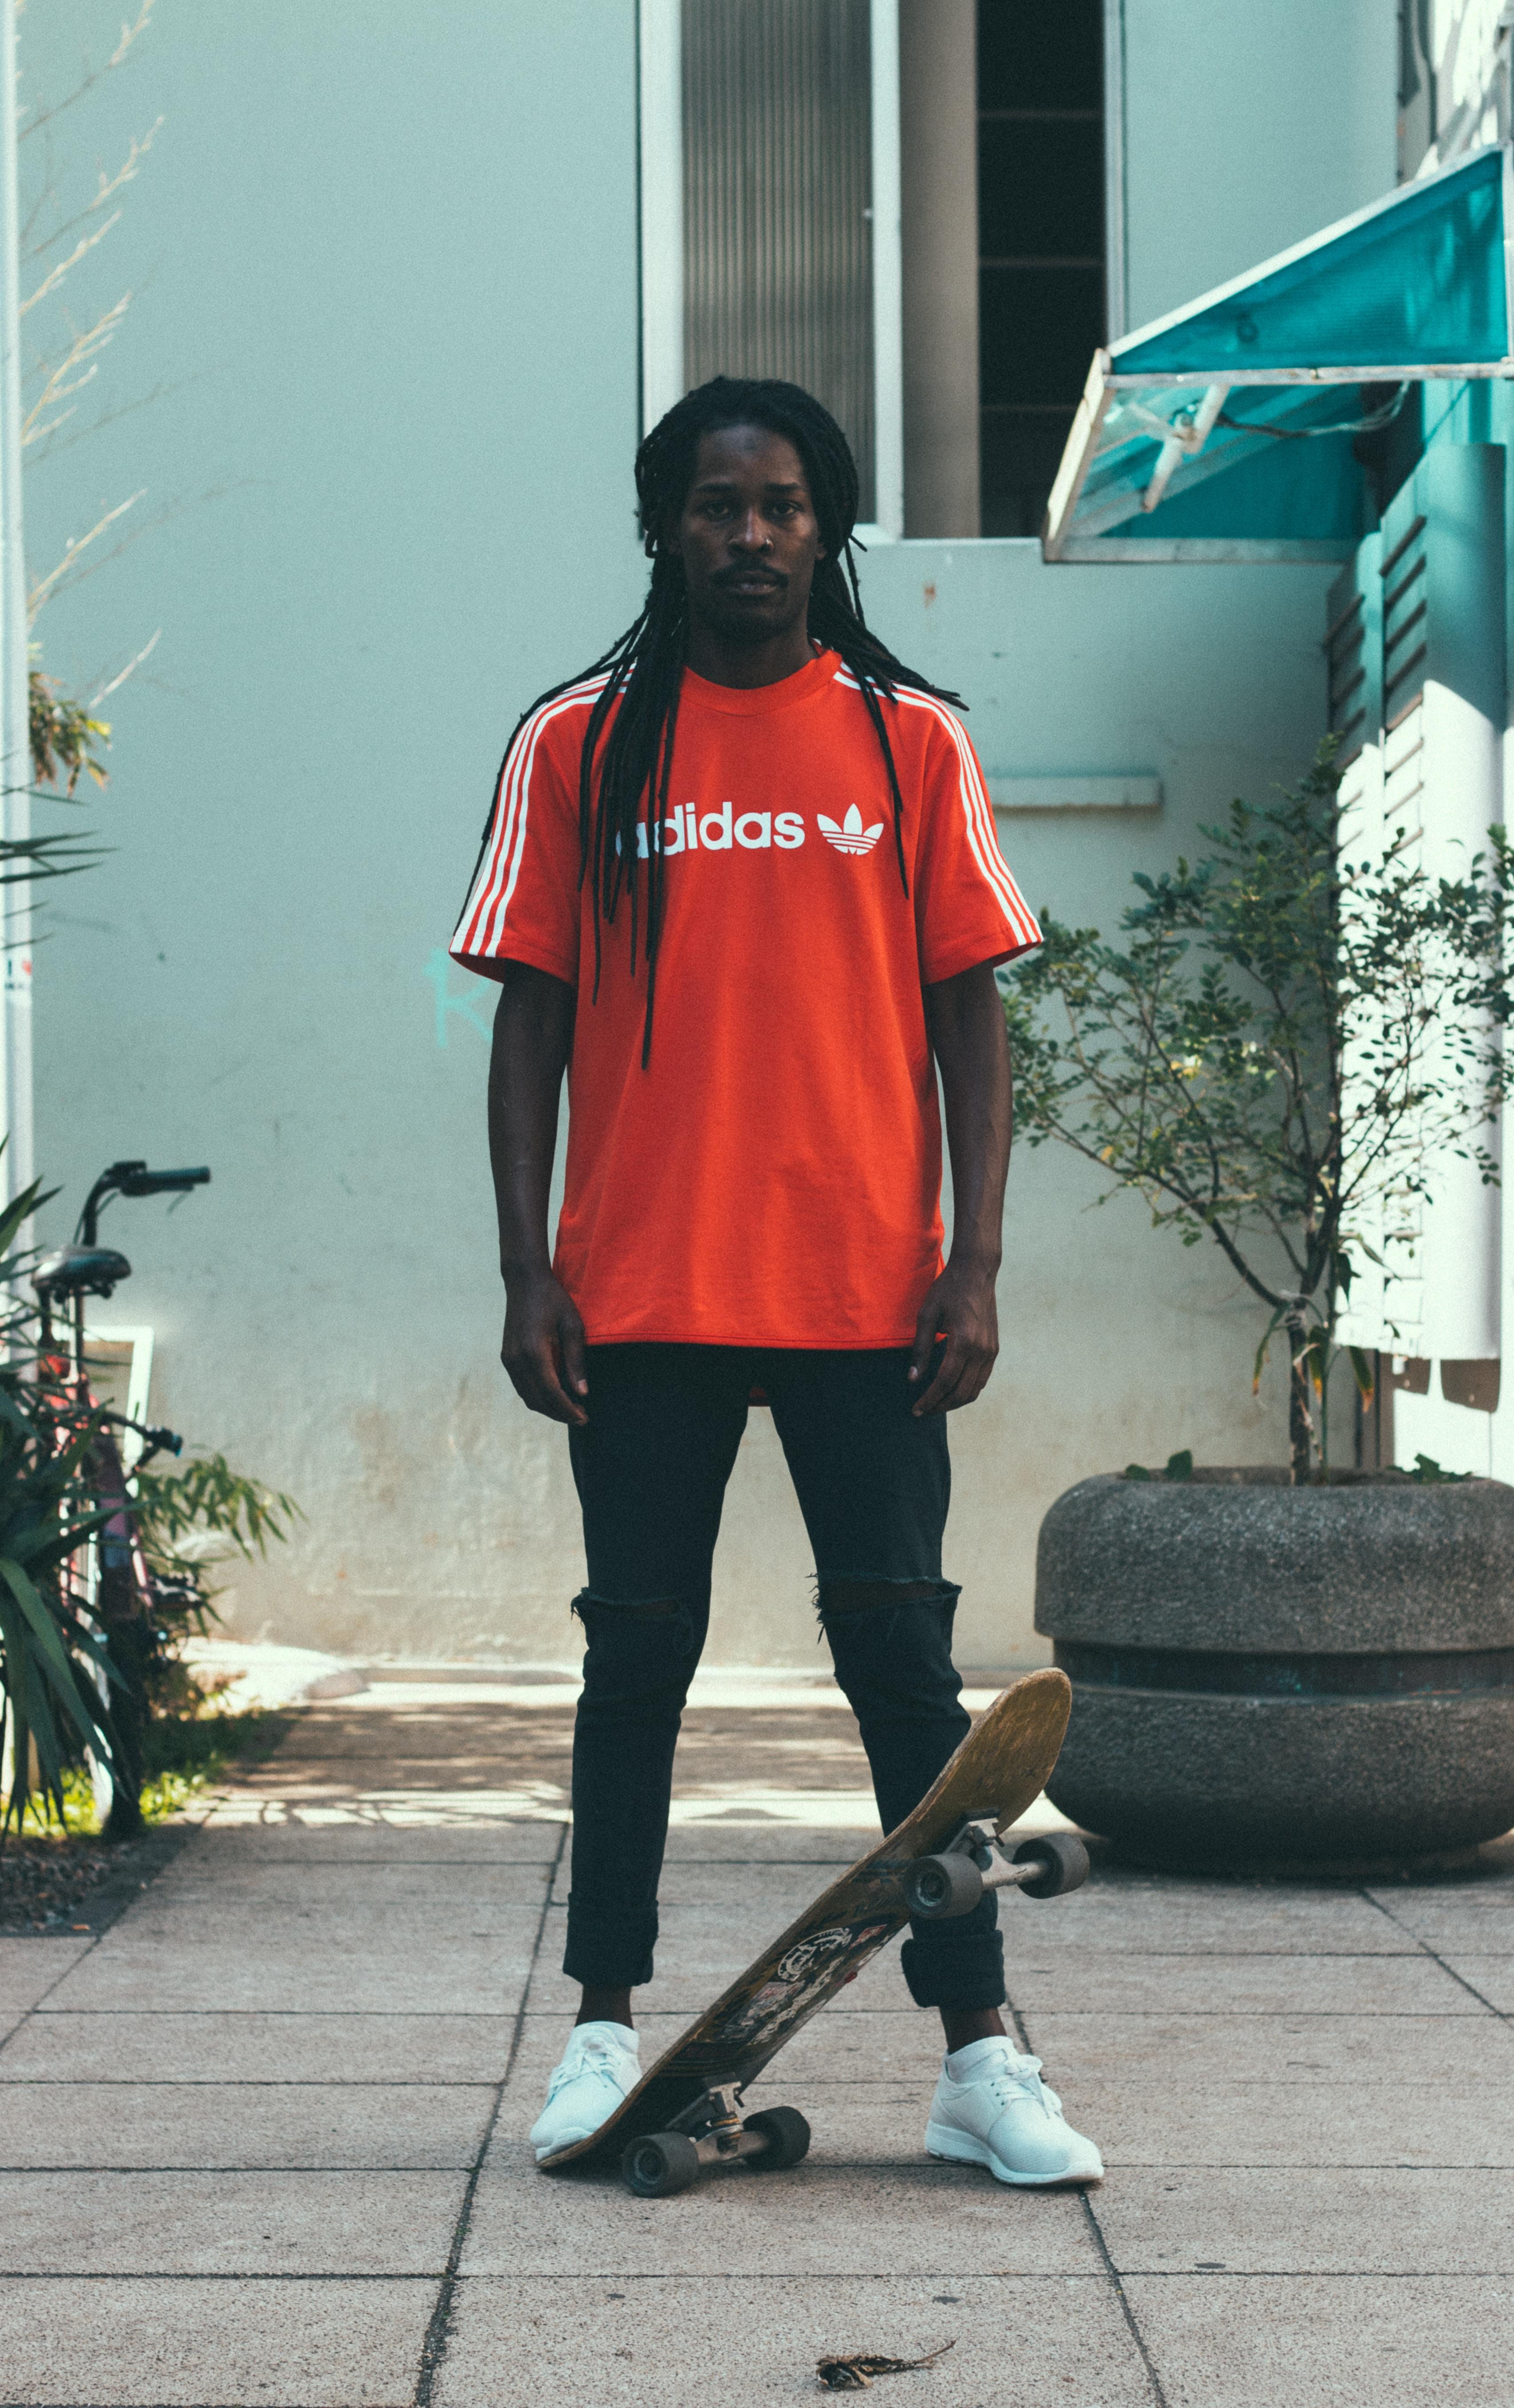 man standing near gray garden pot with skateboard